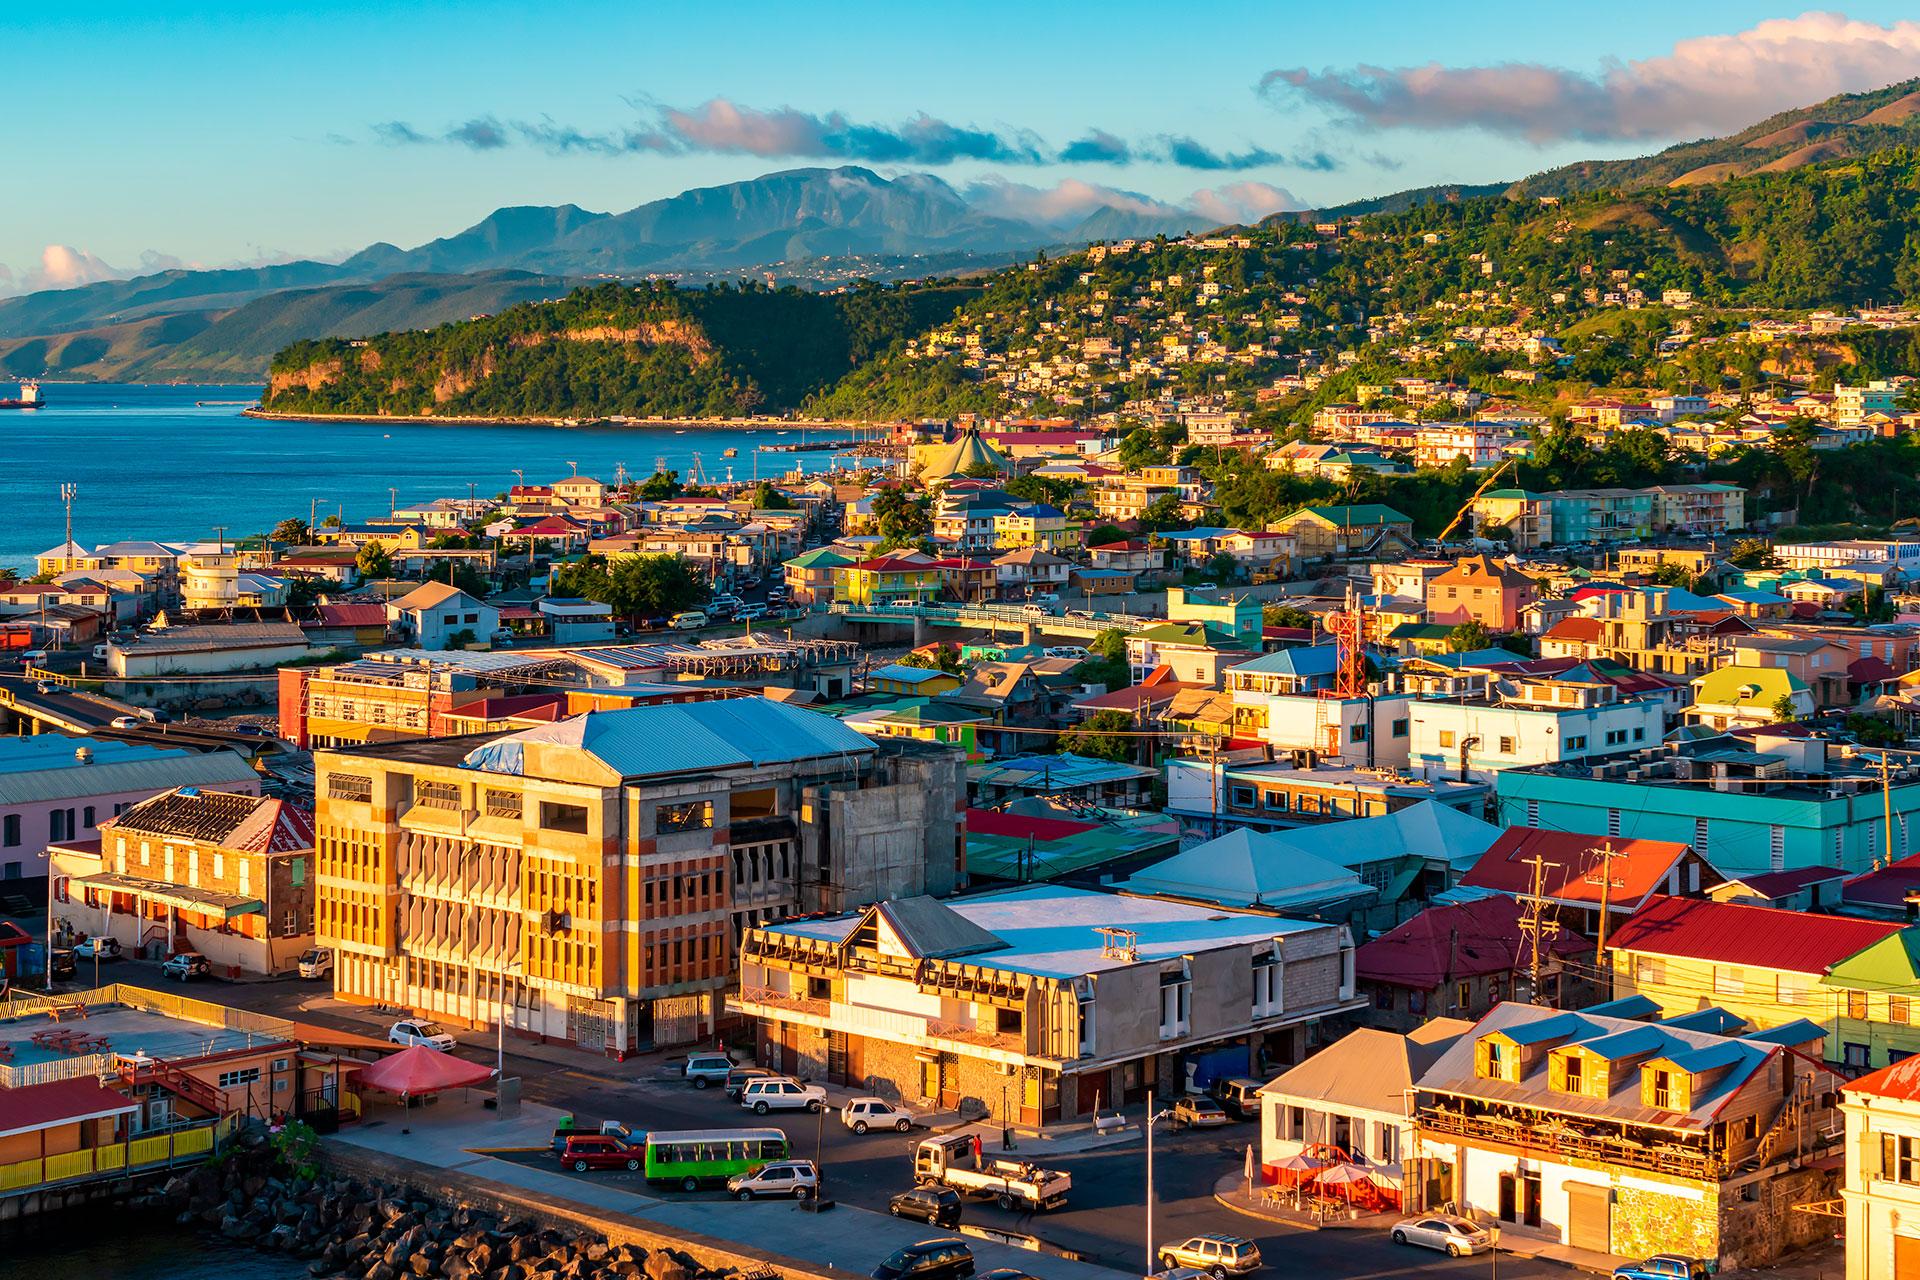 Dominica ha visto menos de 20 casos de coronavirus, y ha cerrado sus fronteras a vuelos comerciales, así como a vuelos privados y barcos. Deriva el 12,33% de su PIB del turismo